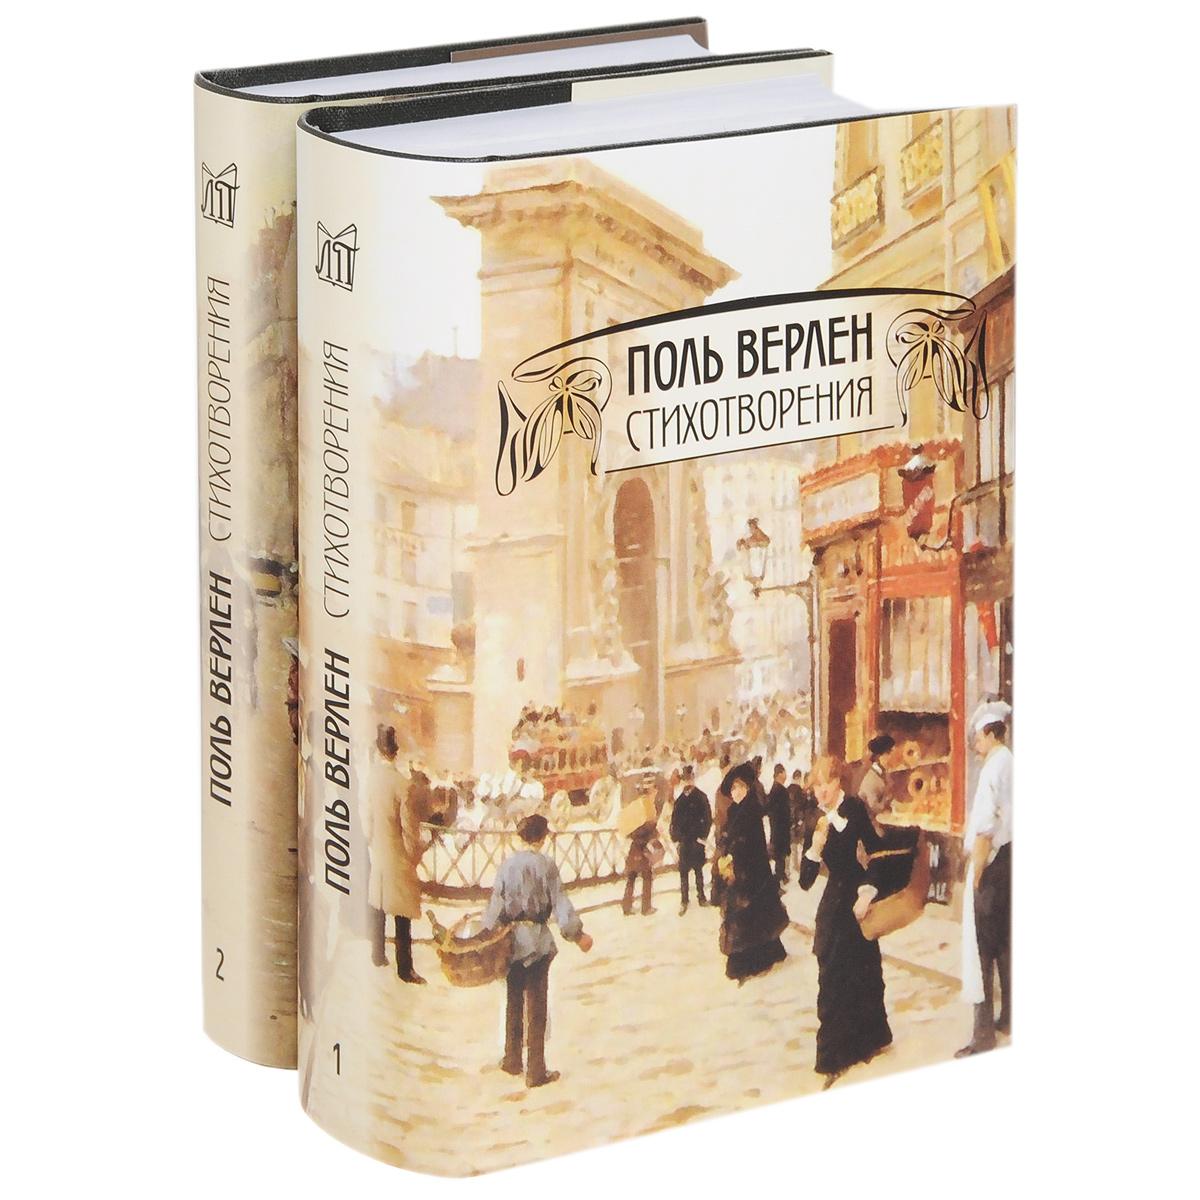 Поль Верлен Поль Верлен. Стихотворения. В 2 томах (комплект)